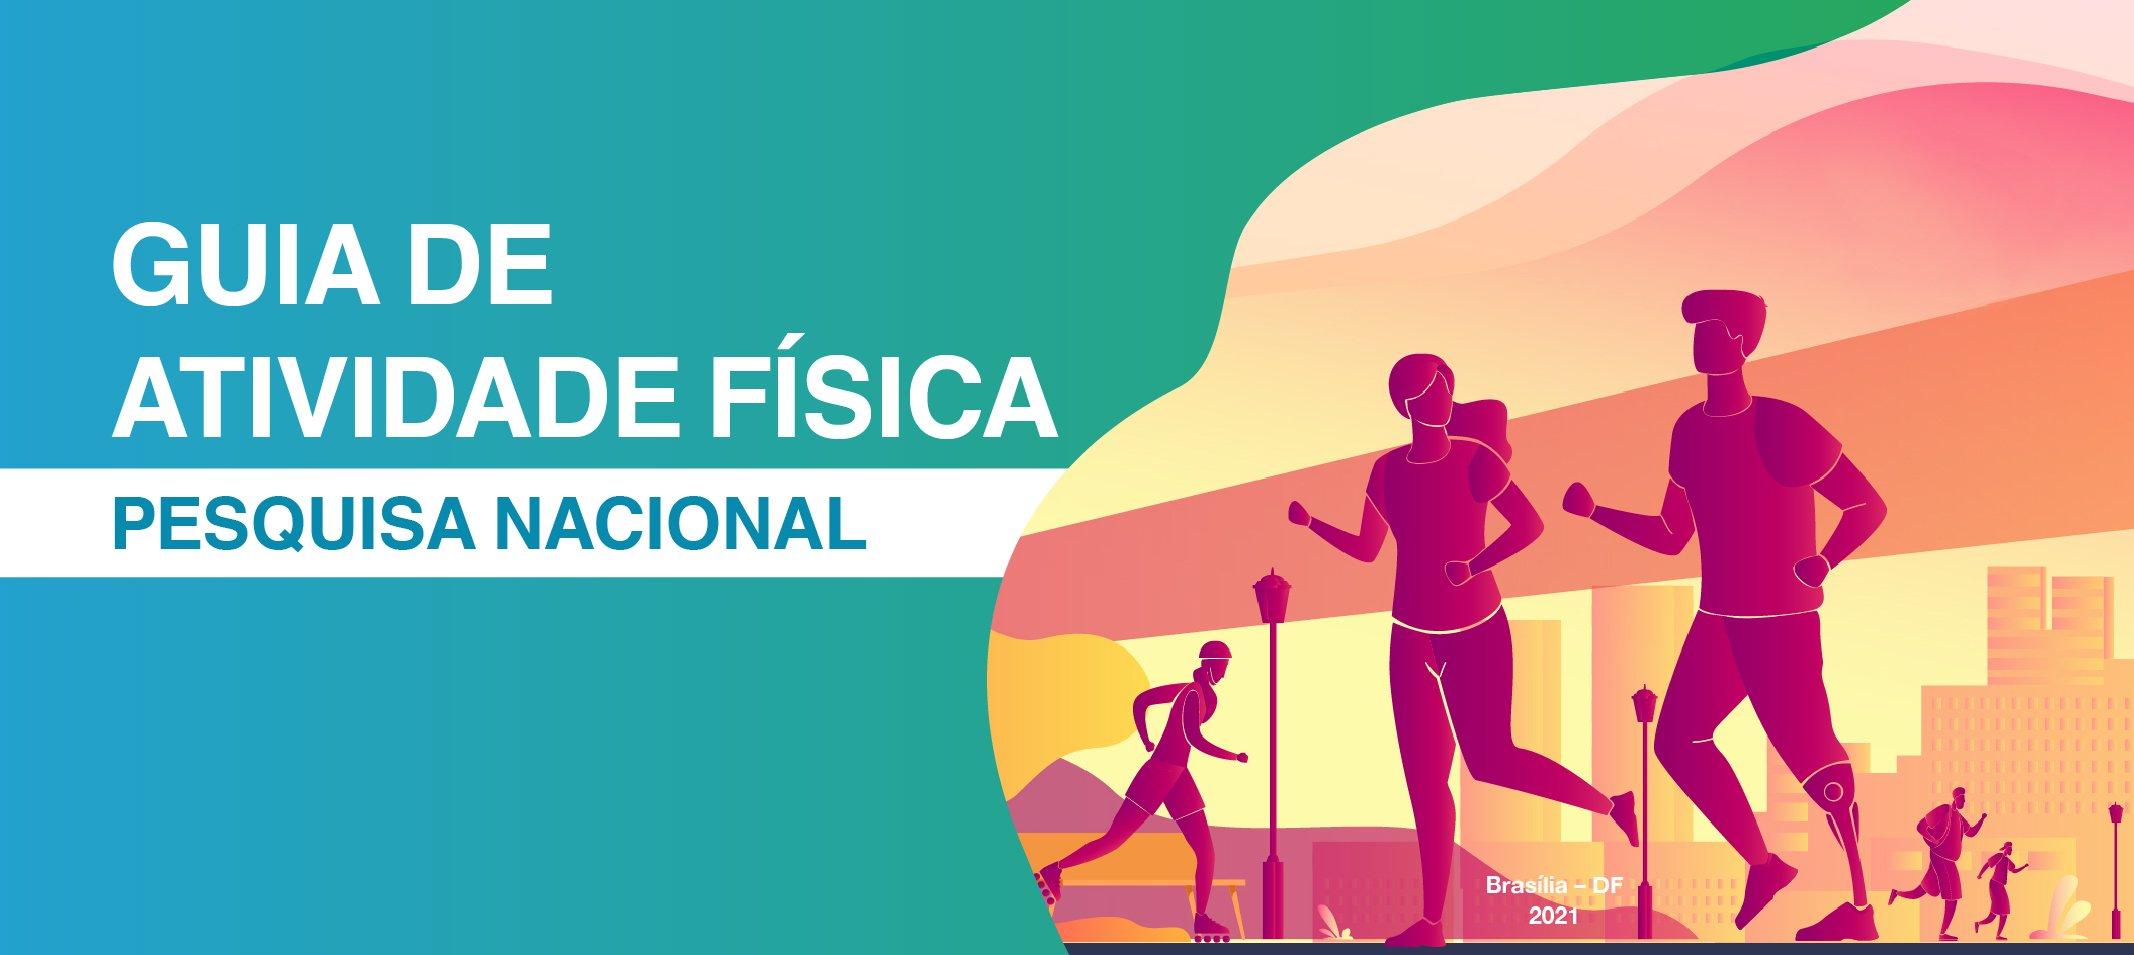 Pesquisadores da Feff colaboram para lançamento de guia nacional de atividade física